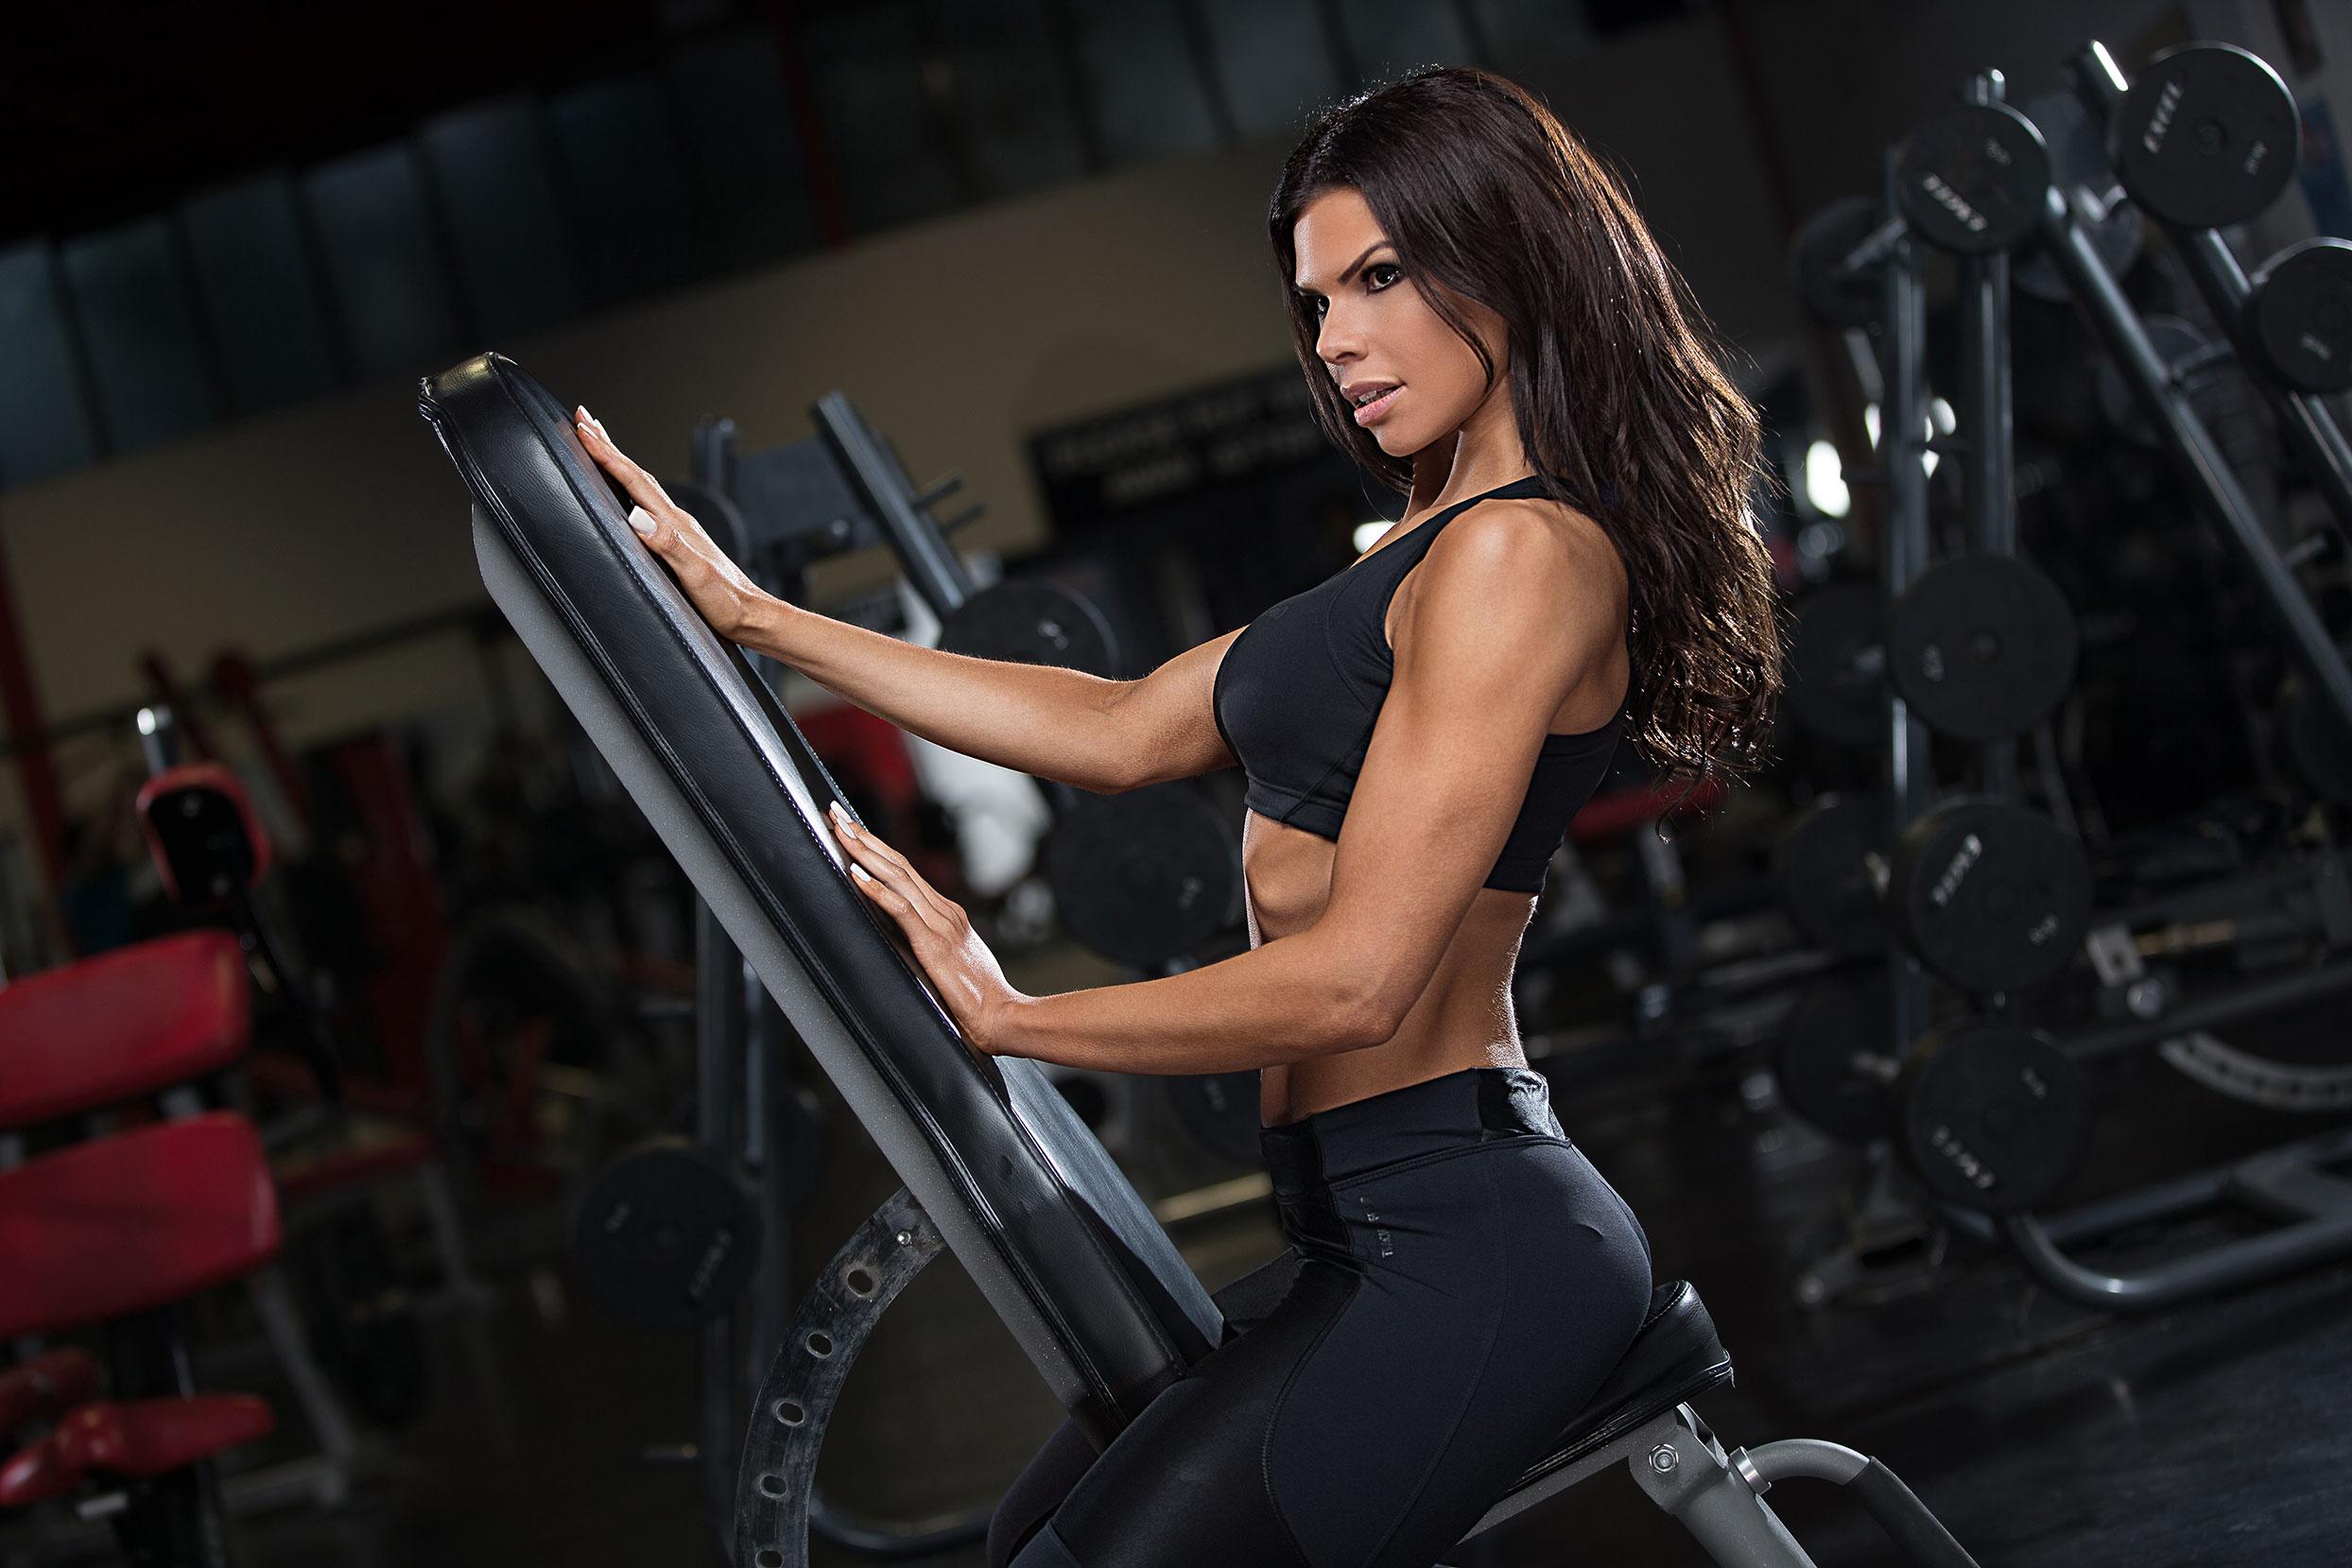 Gym Fondo De Pantalla Hd Fondo De Escritorio 2488x1659